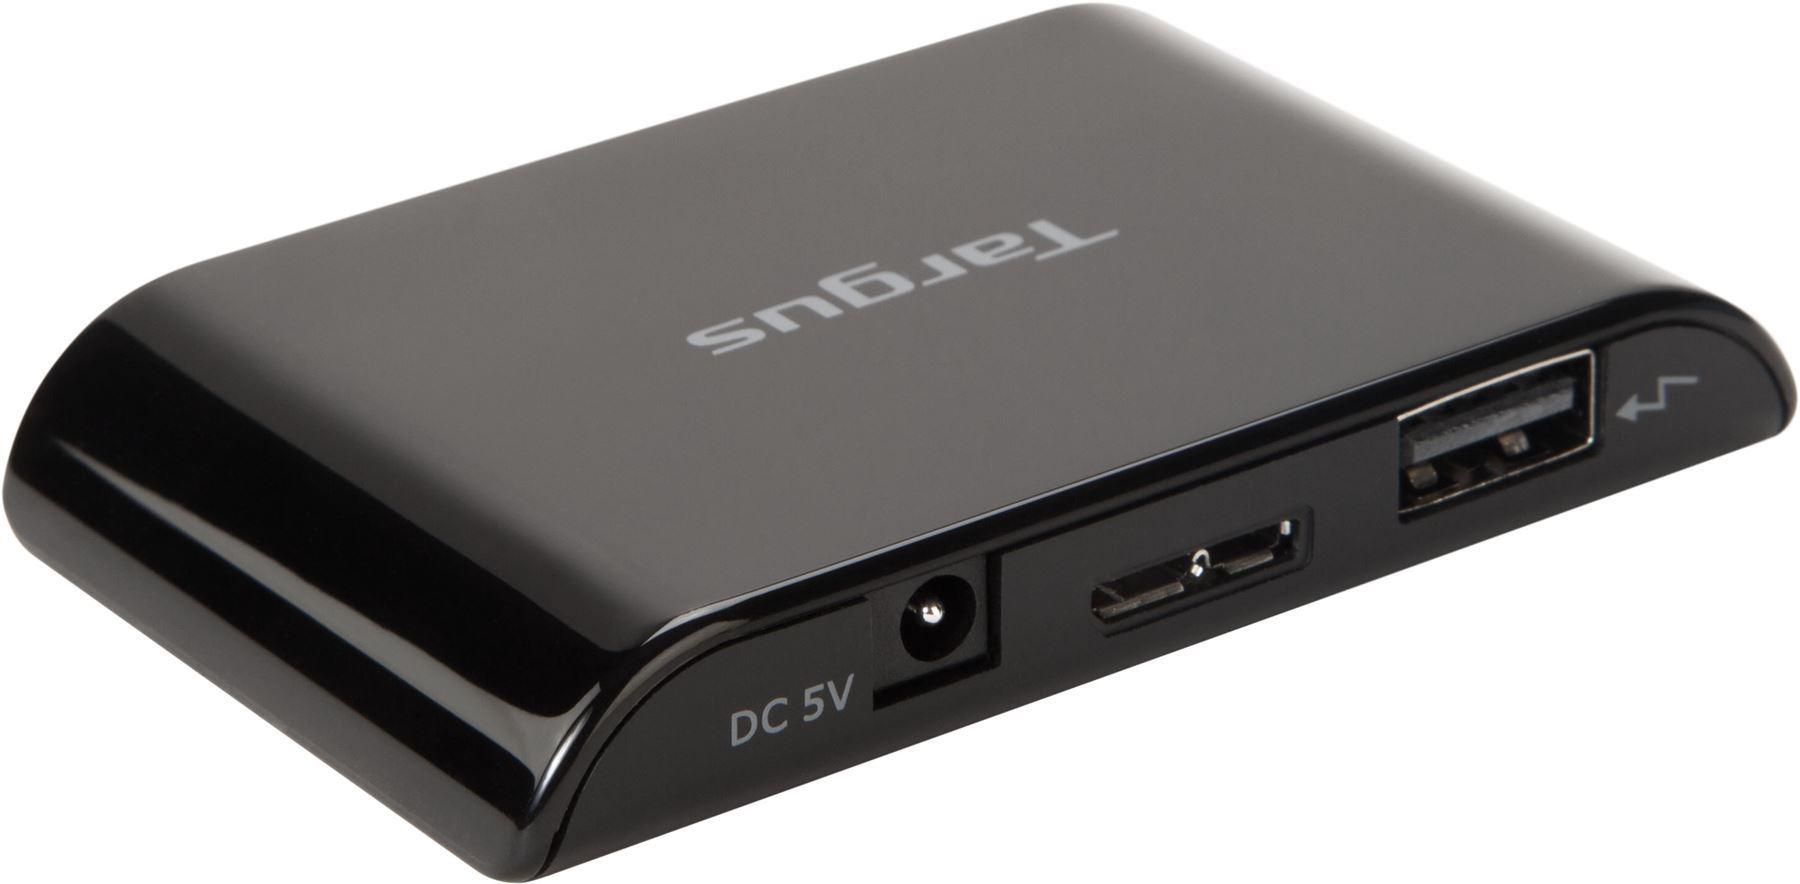 Targus 4-Port USB 3.0 SuperSpeed™ Hub